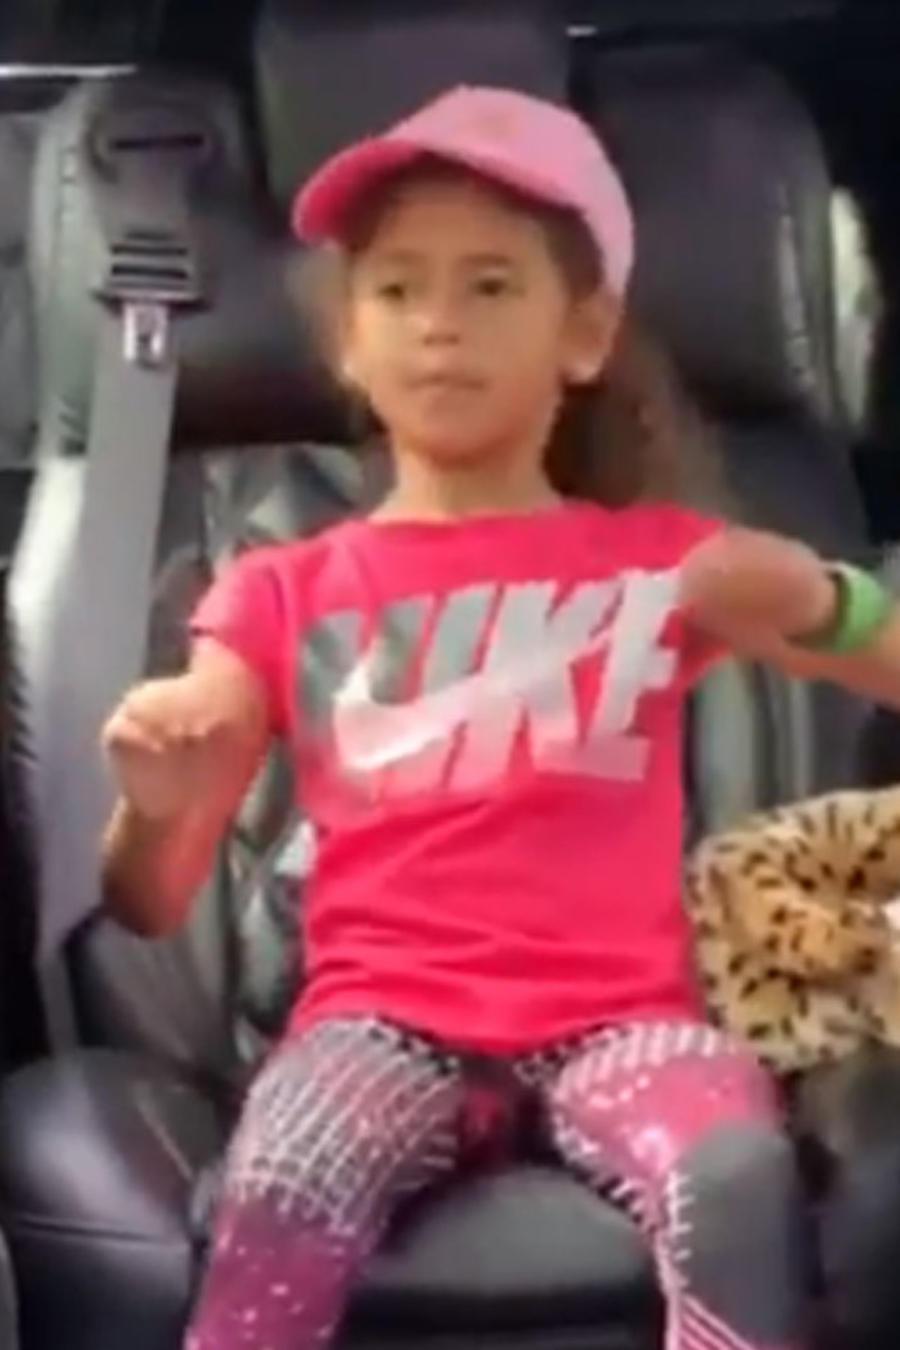 La hija de Ozuna se puso a bailar muy coqueta en un vehículo